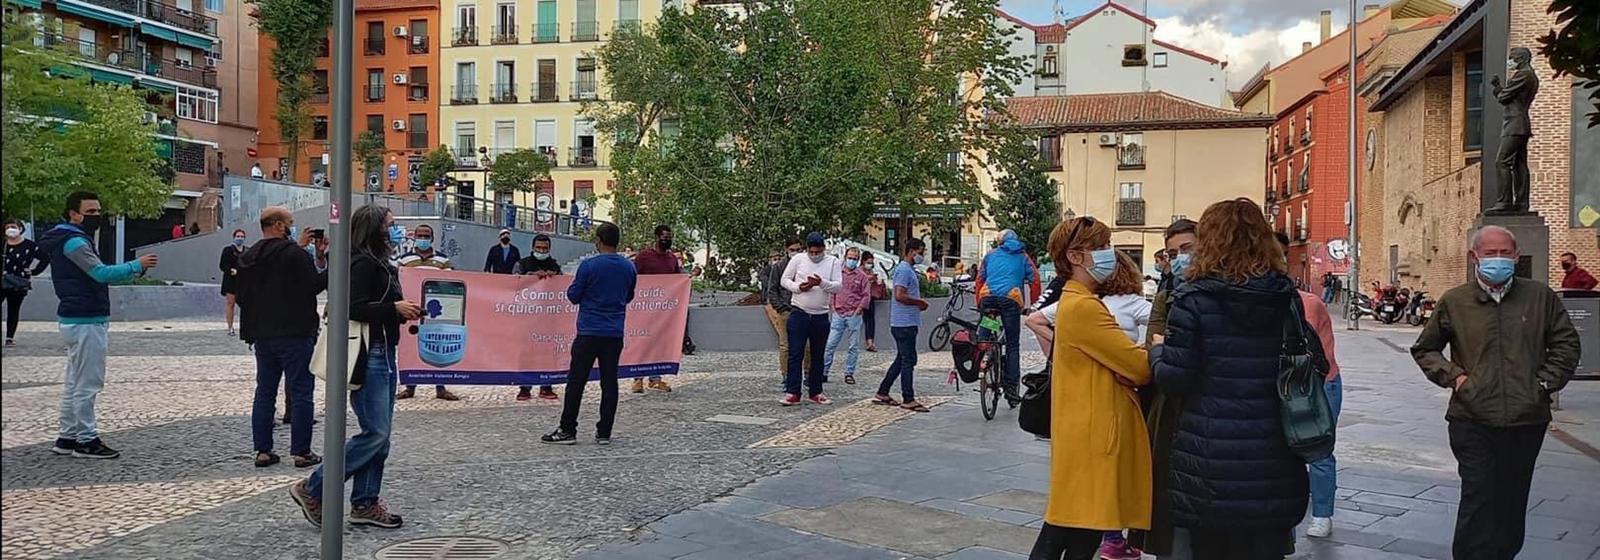 স্পেনে করোনা প্রতিরোধে পাঁচ দফা দাবিতে বিক্ষোভ সমাবেশ অনুষ্ঠিত